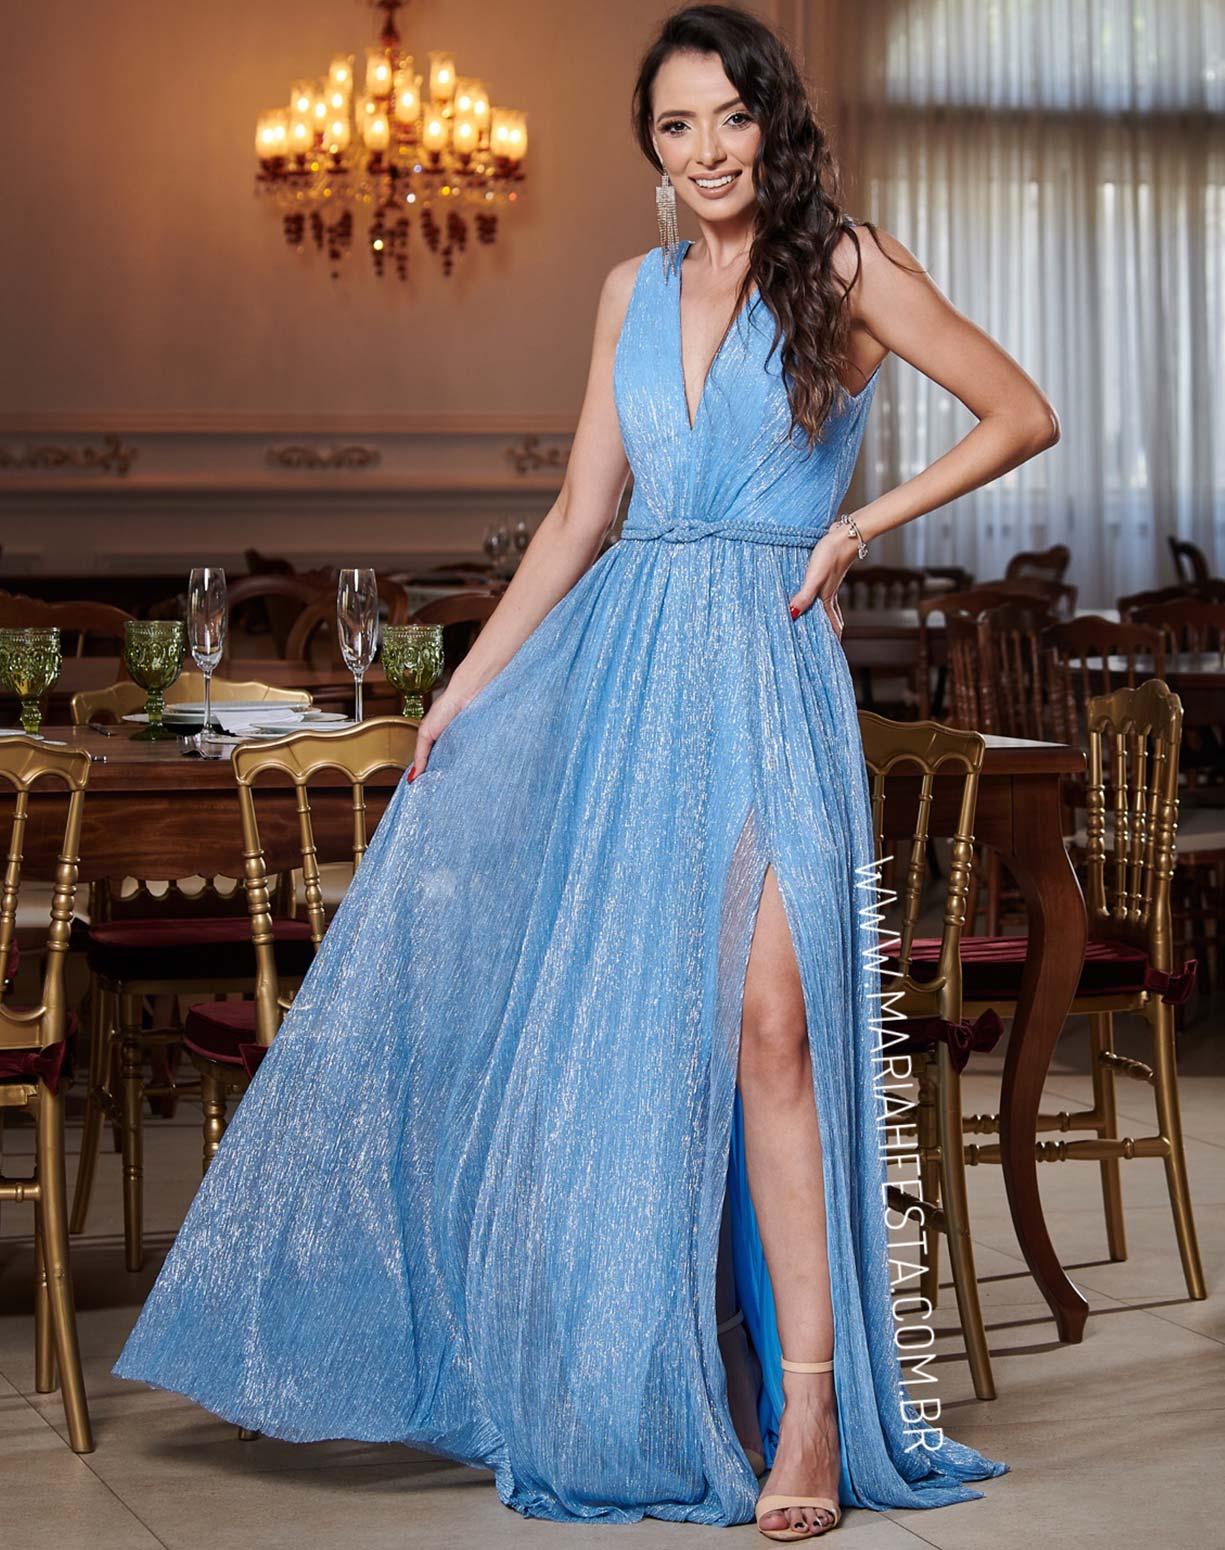 Vestido Azul Serenity em Tule de Lúrex com Manga Capa Removível